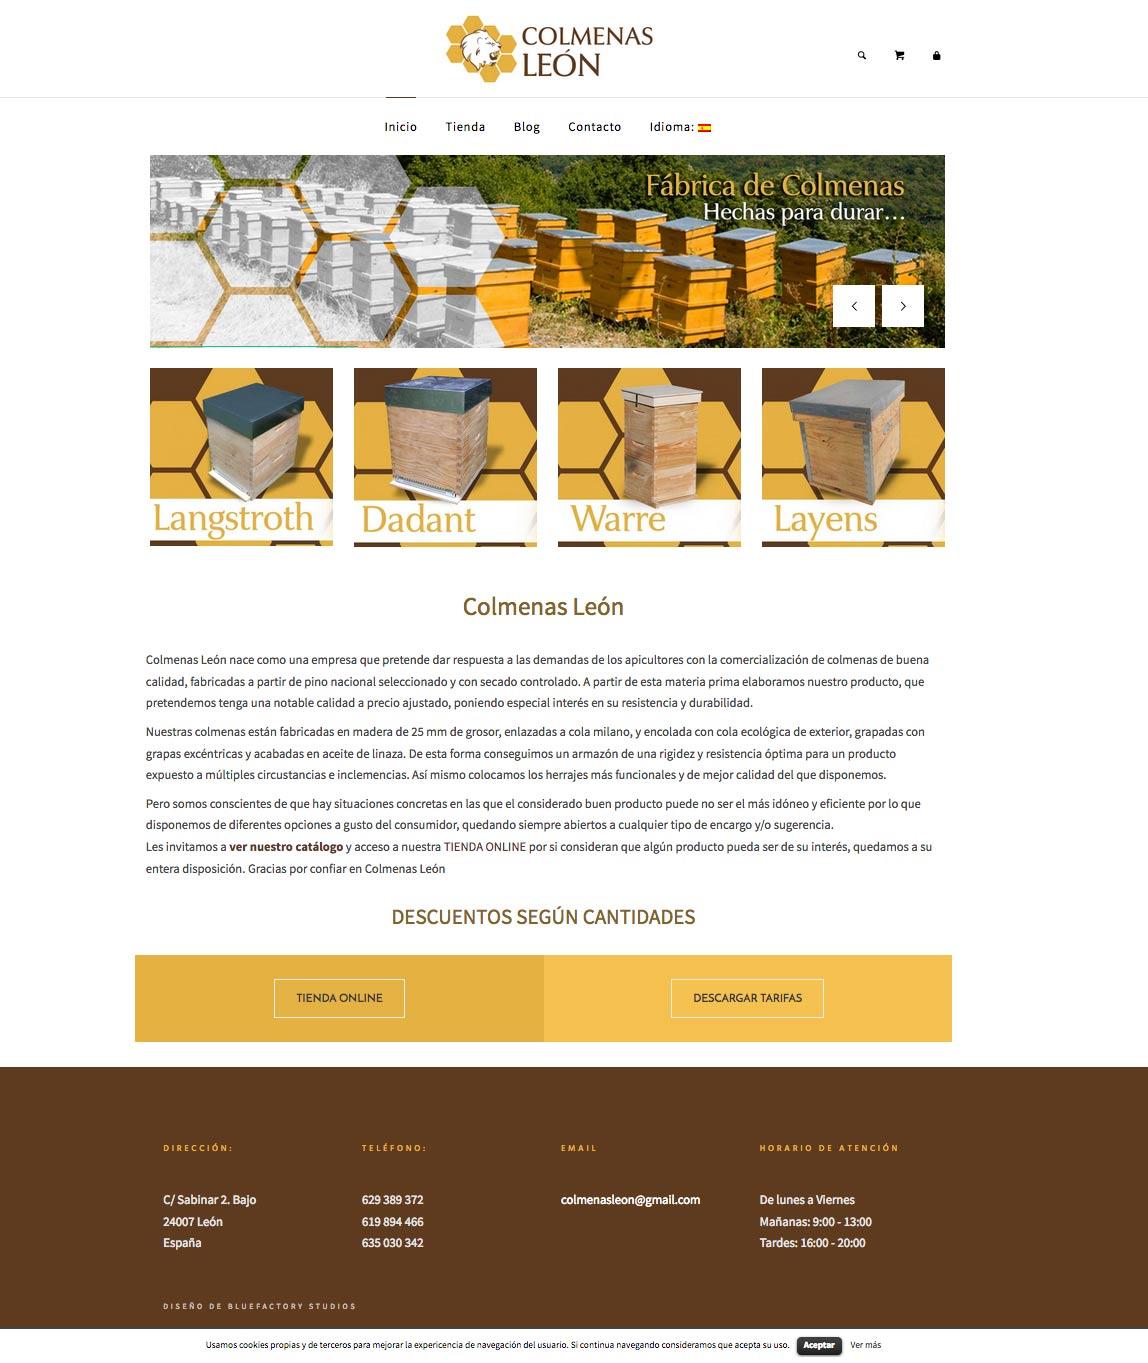 Tienda online para colmenas, apicultura